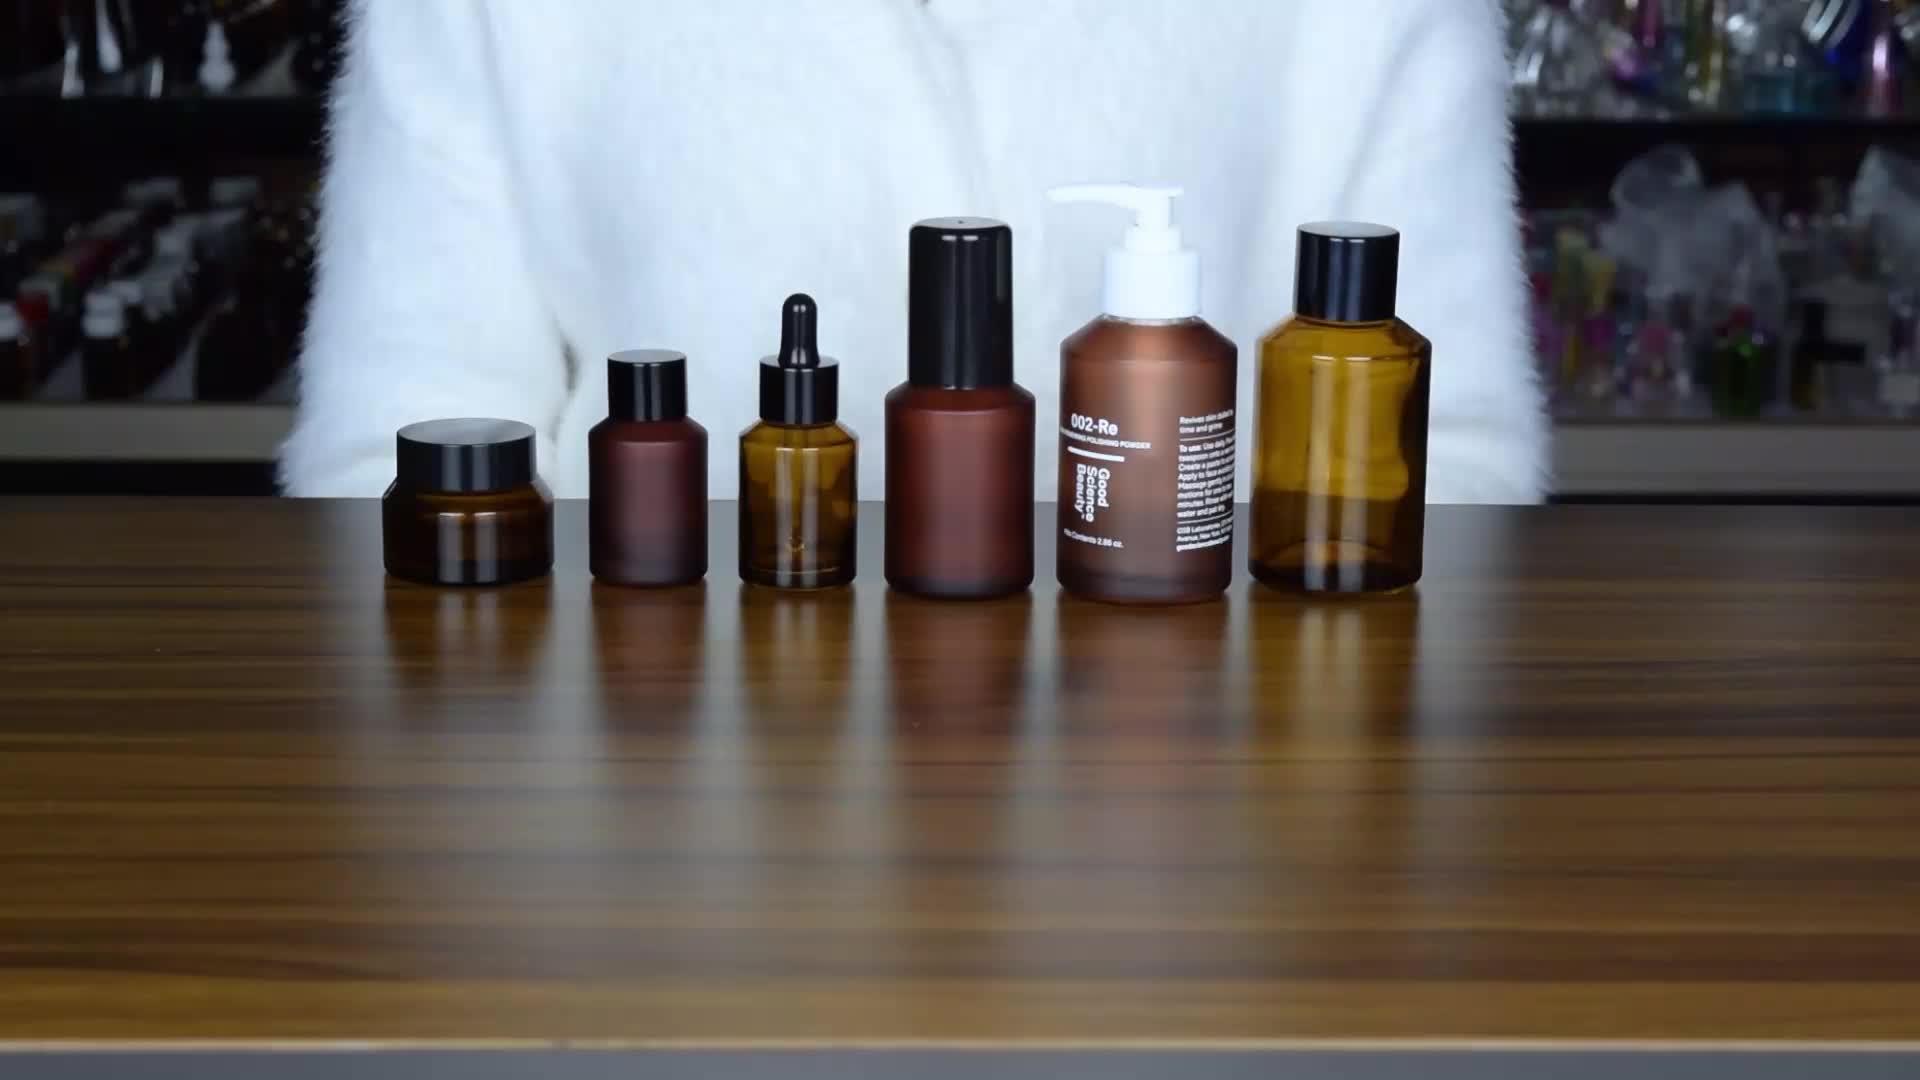 Forma rotonda cura della pelle cosmetici imballaggio 30g 50g di colore ambrato di vetro vasi cosmetici e bottiglie